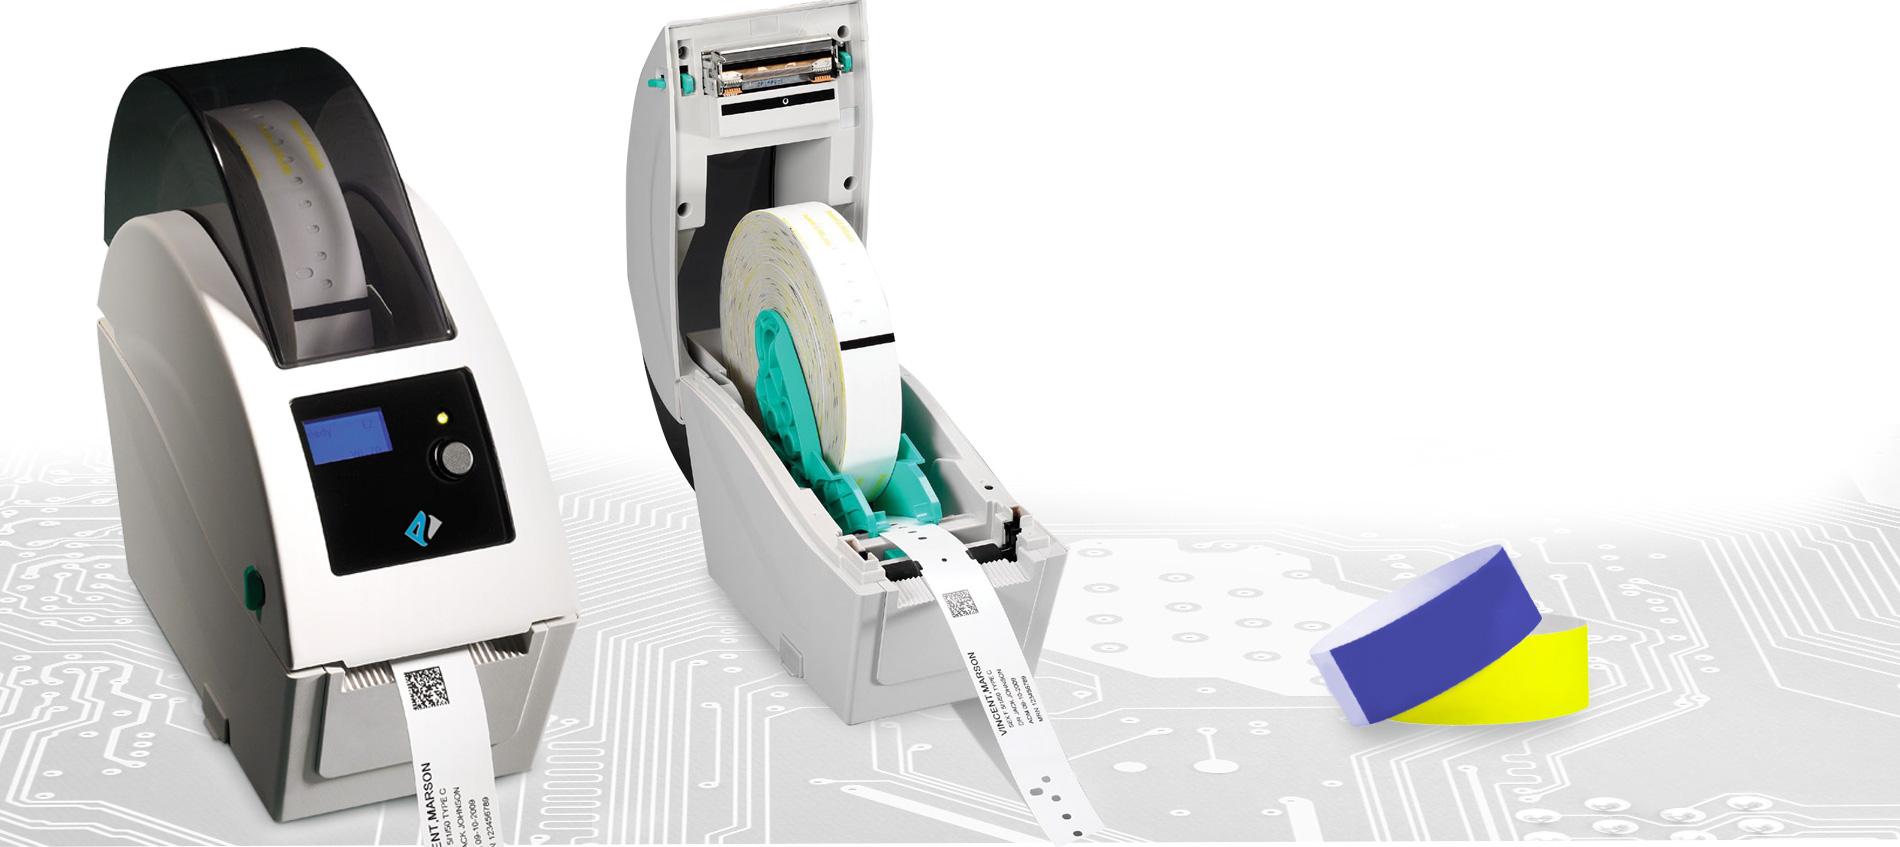 stampanti per braccialetti identificativi